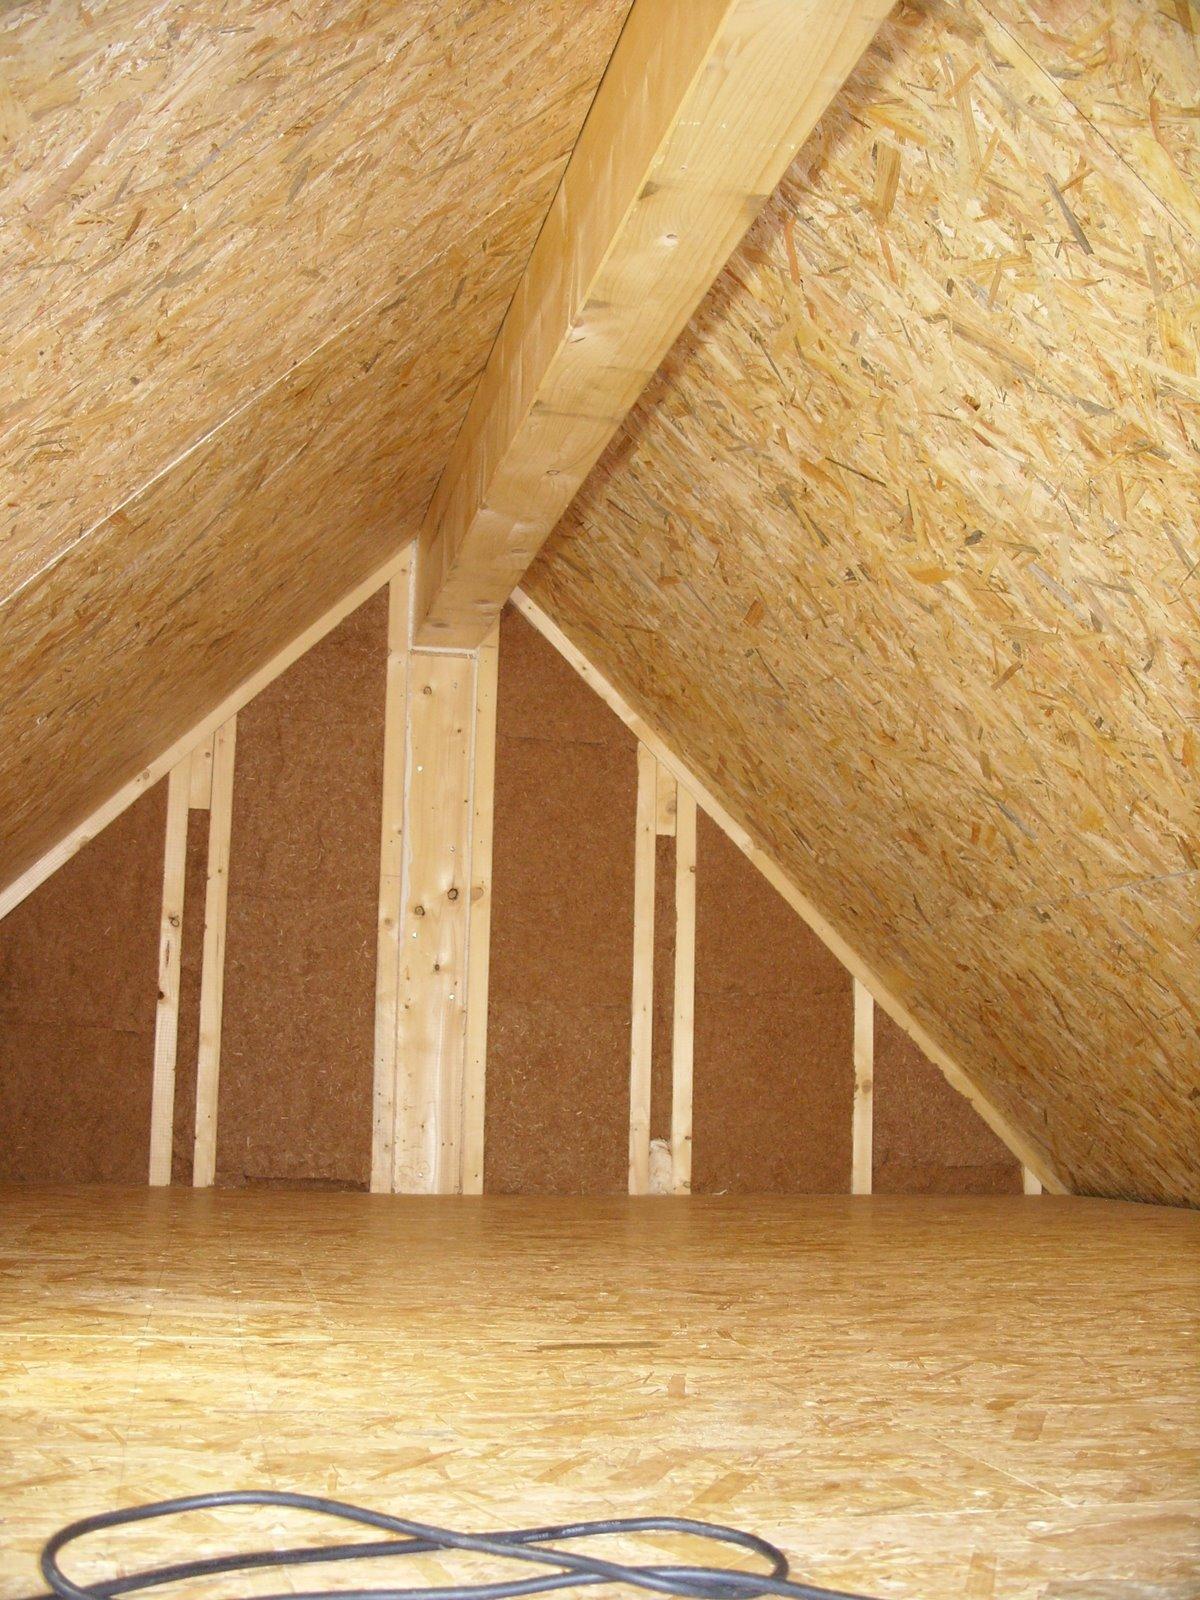 combien de temps pour construire une maison en bois. Black Bedroom Furniture Sets. Home Design Ideas